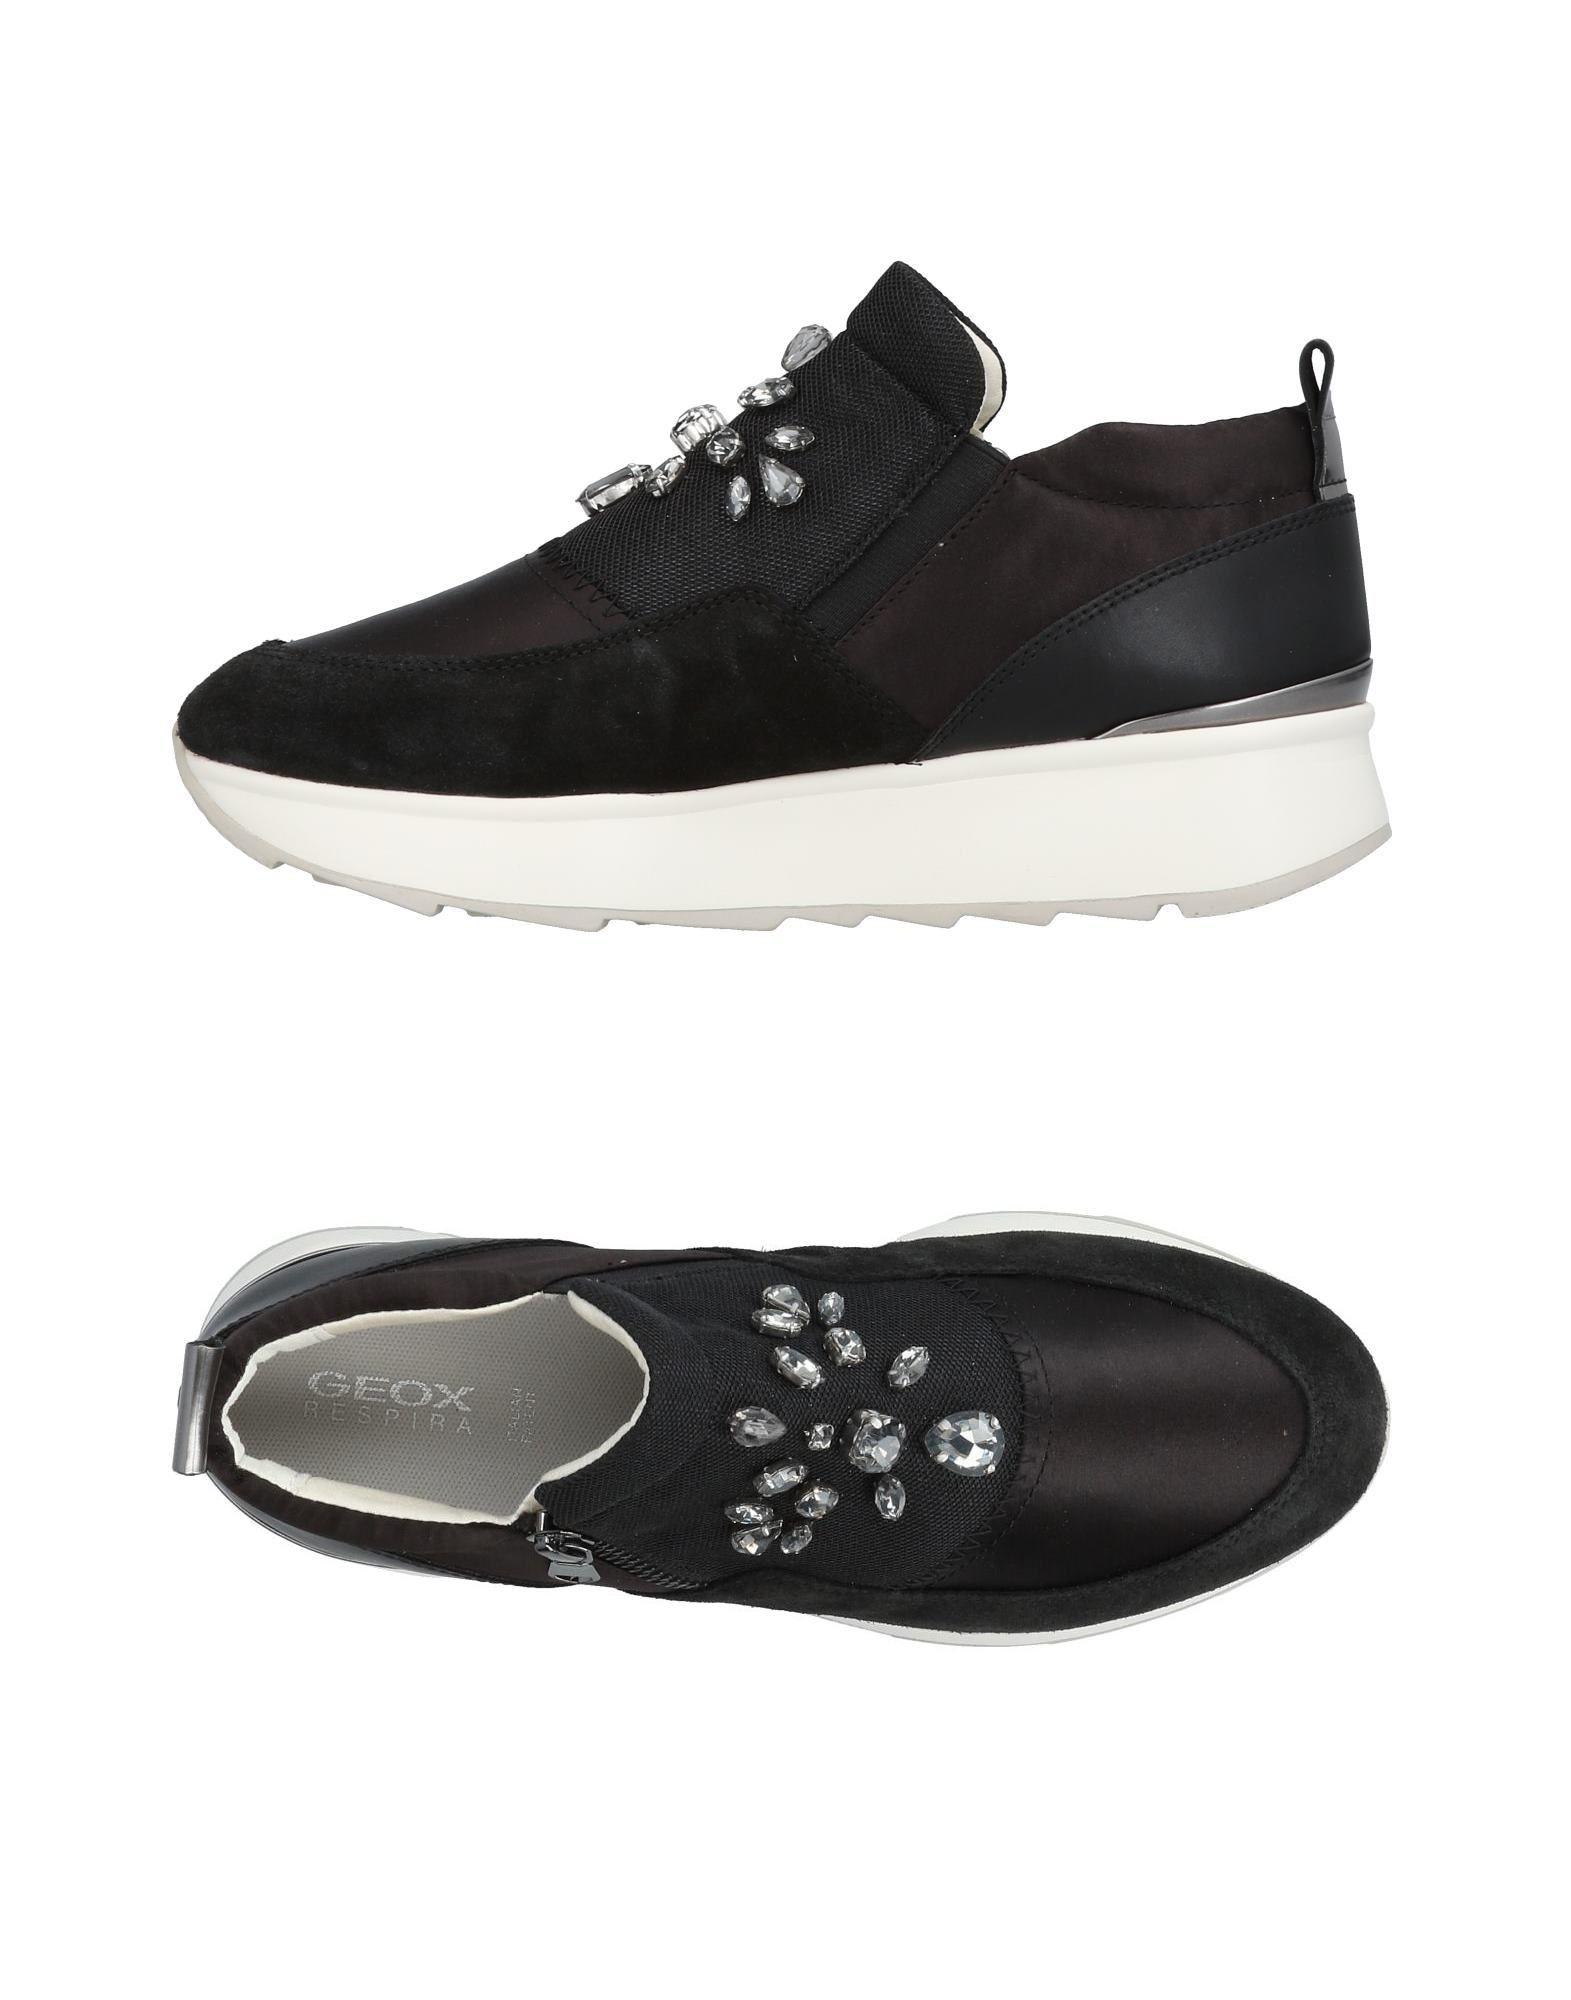 Geox Sneakers Damen  11427347DP Gute Qualität beliebte Schuhe